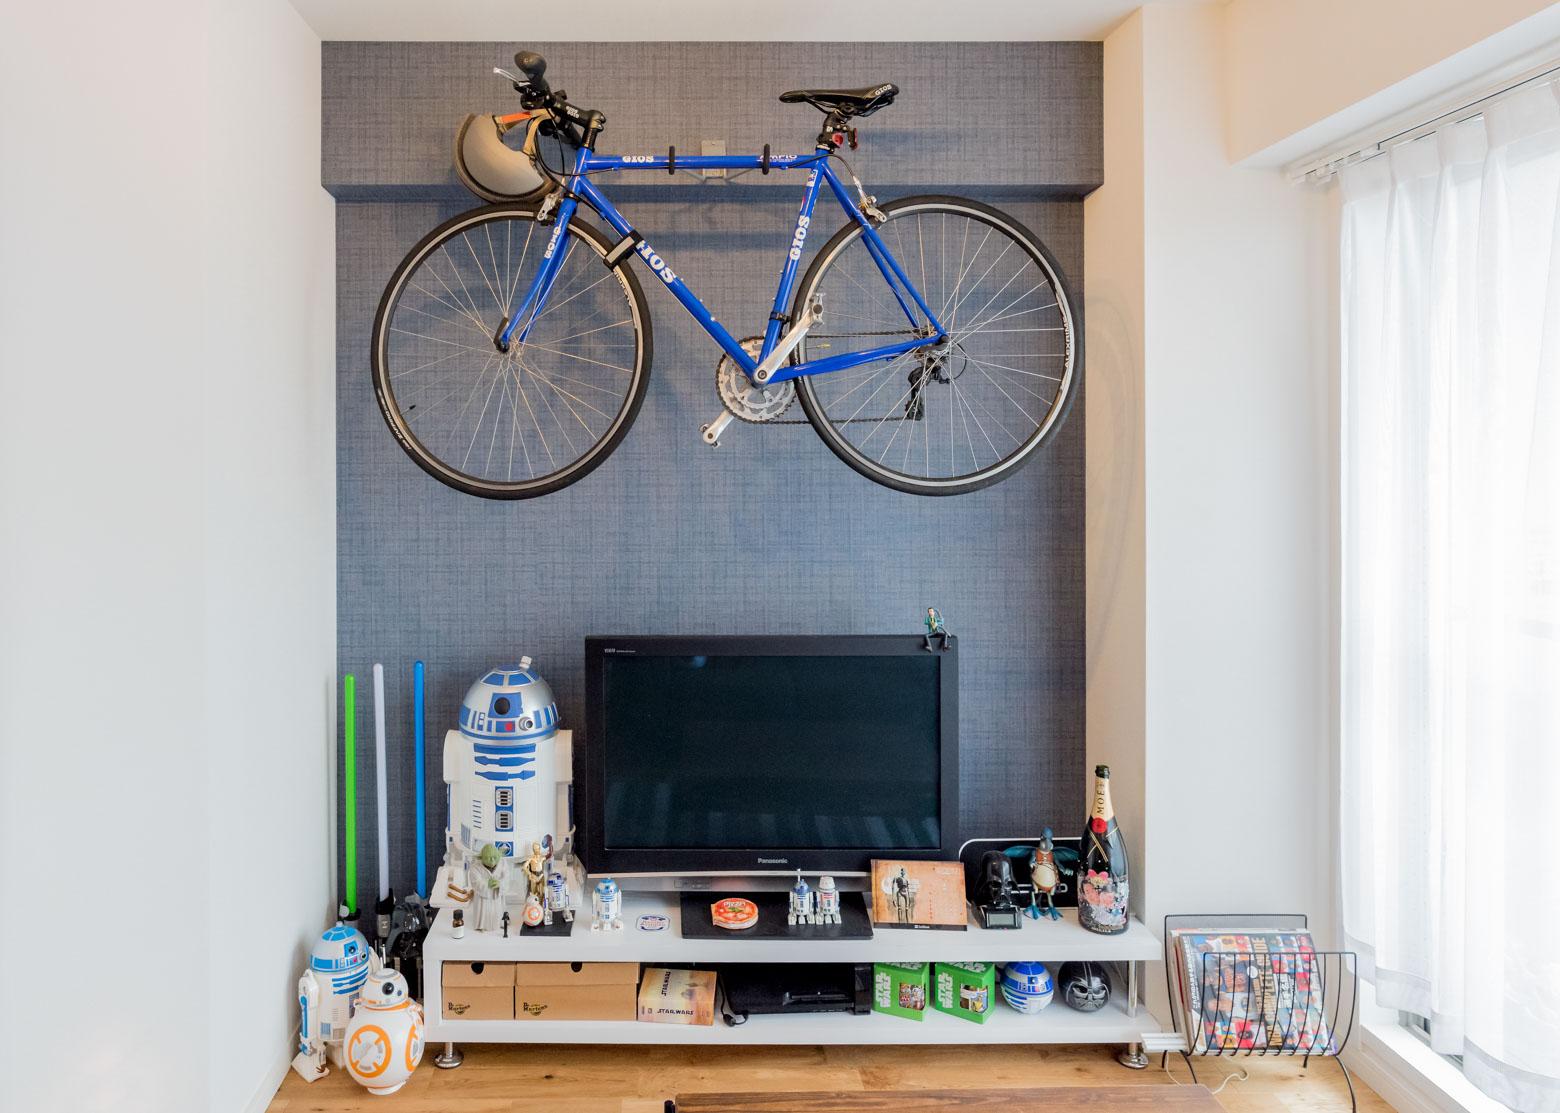 アクセントクロスのリビングの壁には自転車が。かっこいい。テレビ台に並べられたものたちが気になると思うが、これについても後述。